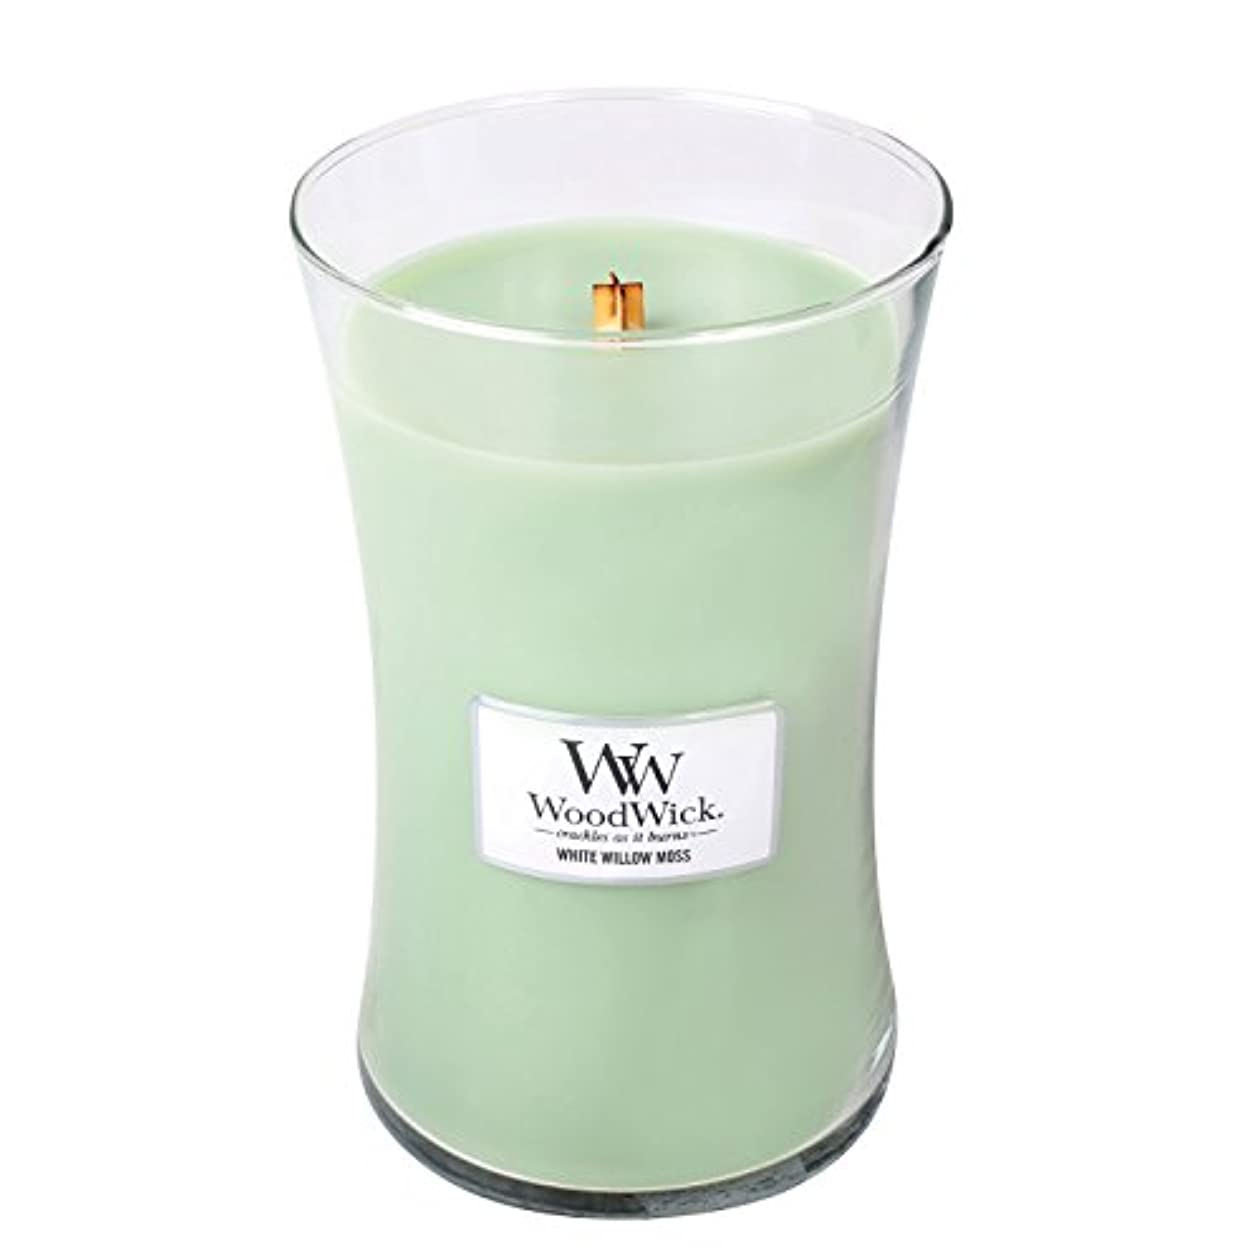 必須苗類推WoodwickホワイトWillowモス、Highly Scented Candle、クラシック砂時計Jar , Large 7-inch、21.5 Oz